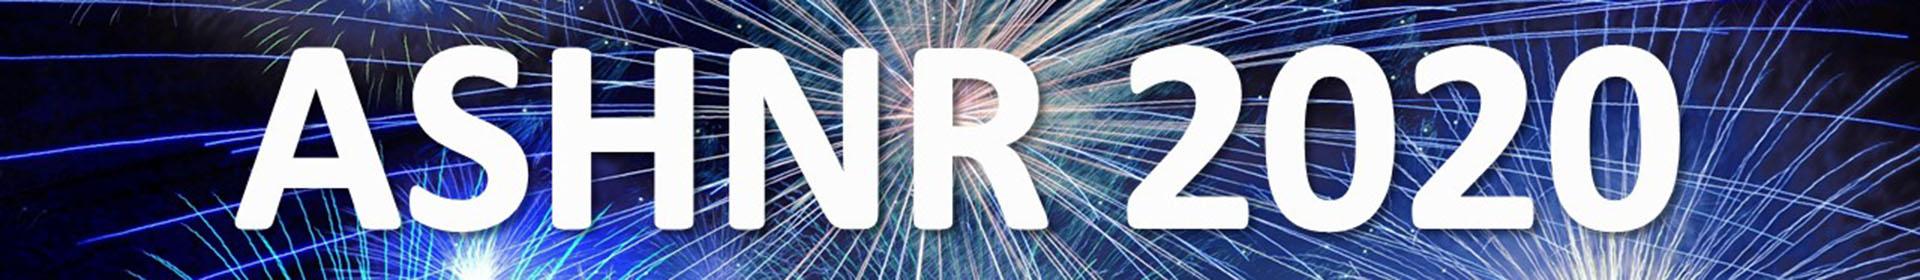 ASHNR 2020 Event Banner